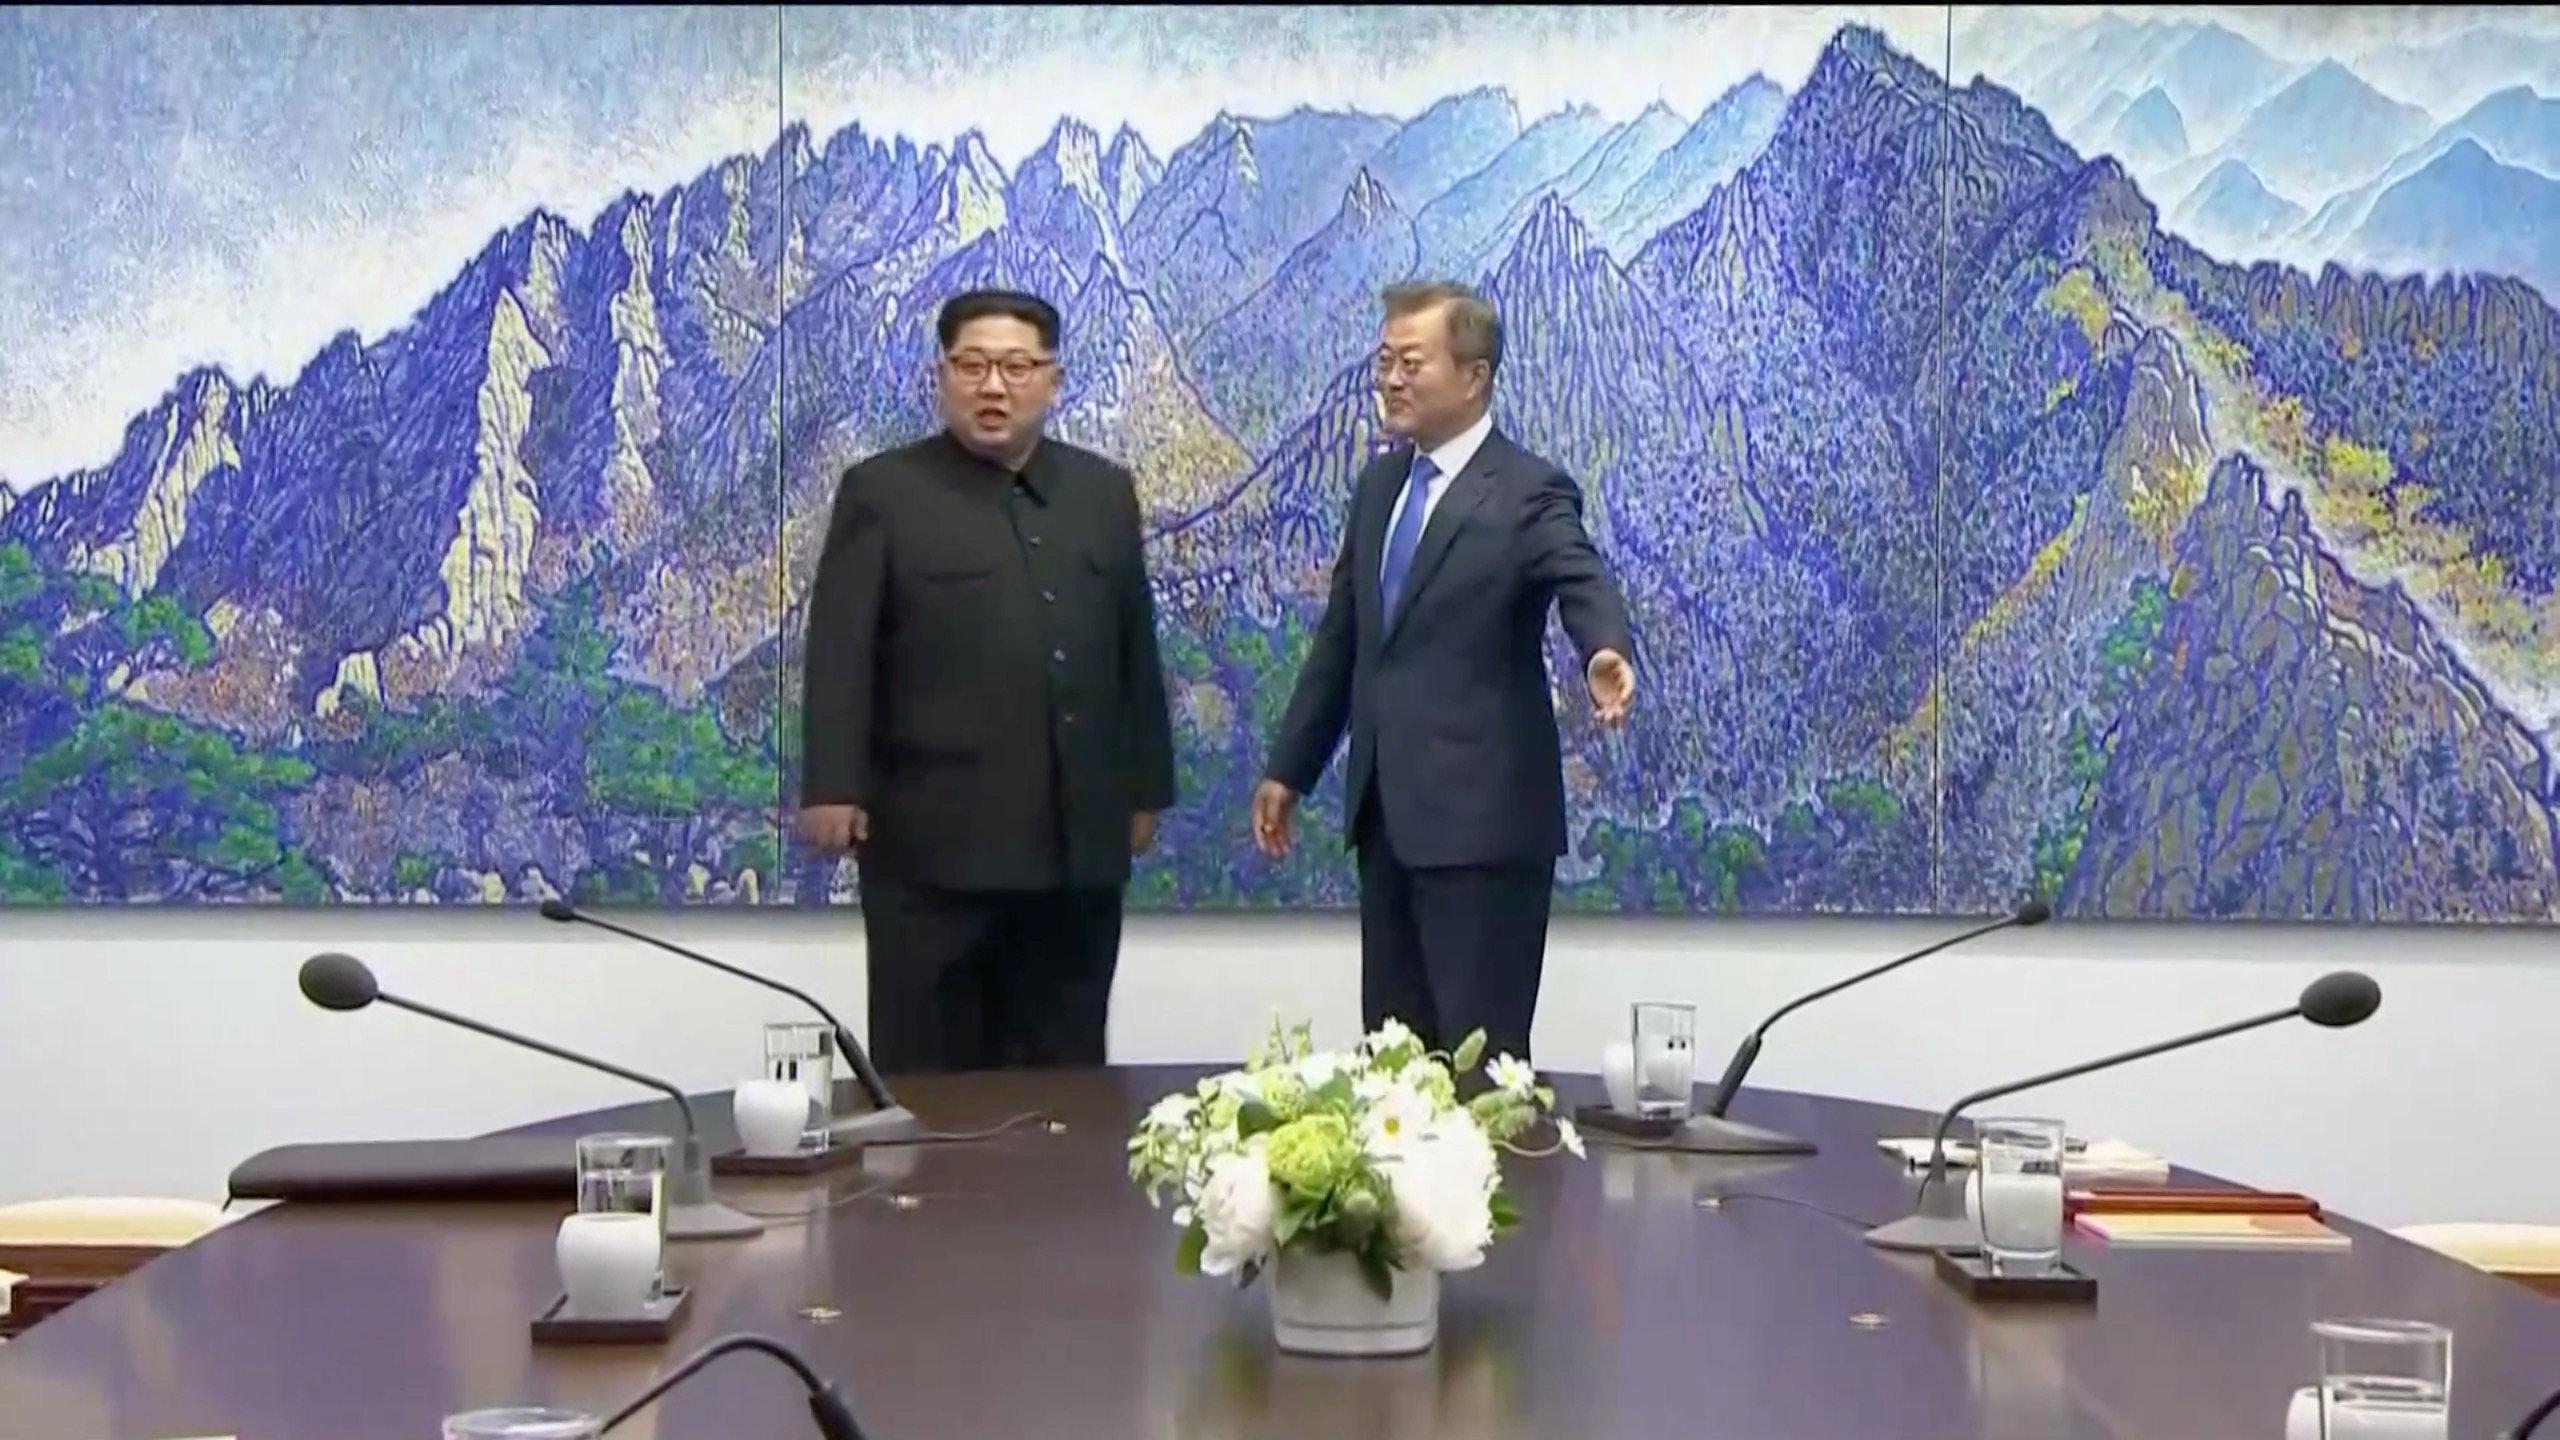 Momento en el los dos líderes se reúnen.